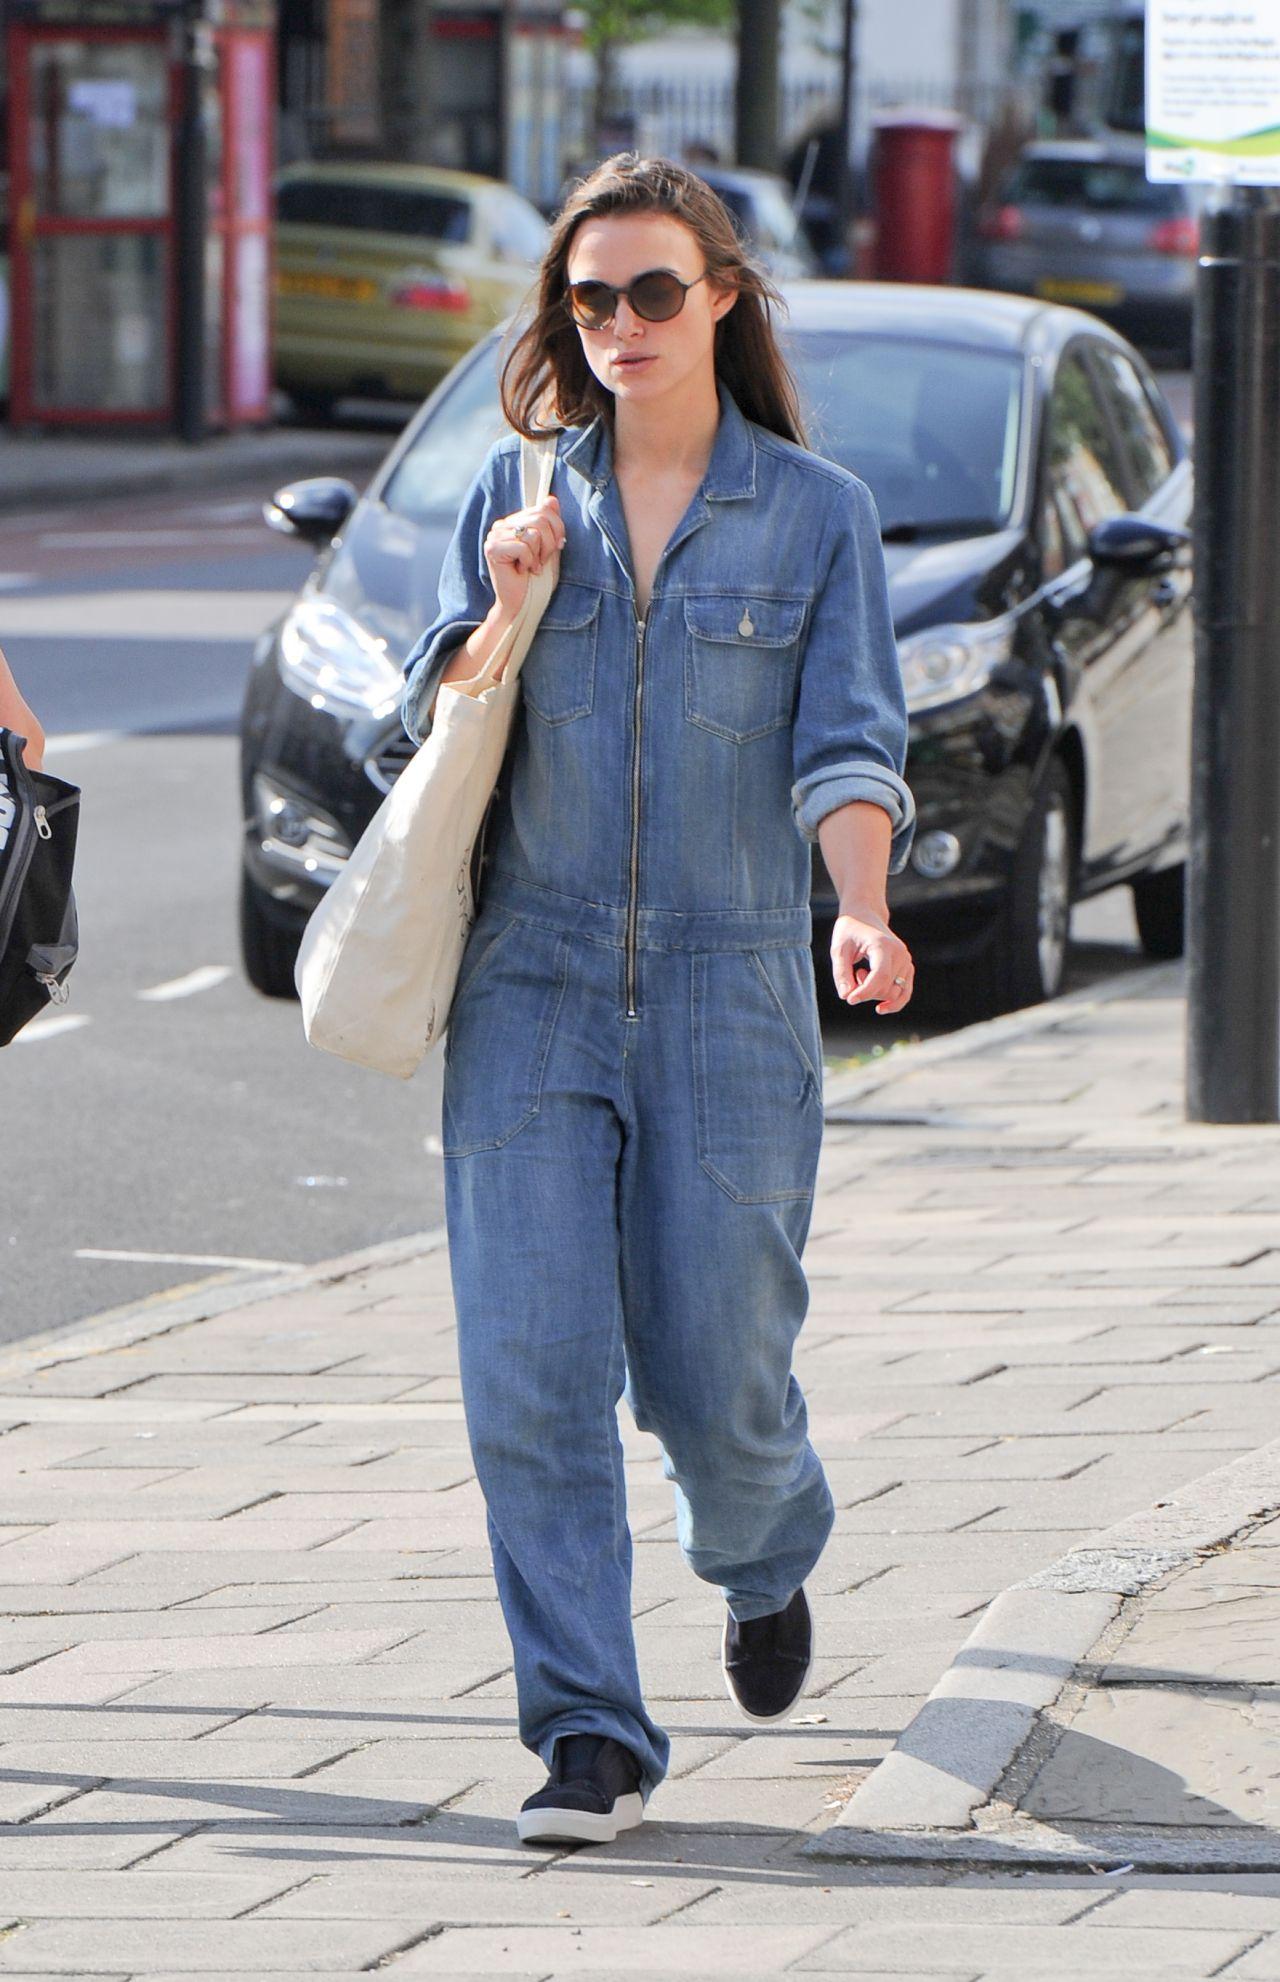 Актриса Кира Найтли в джинсовом комбинезоне в 2016 году